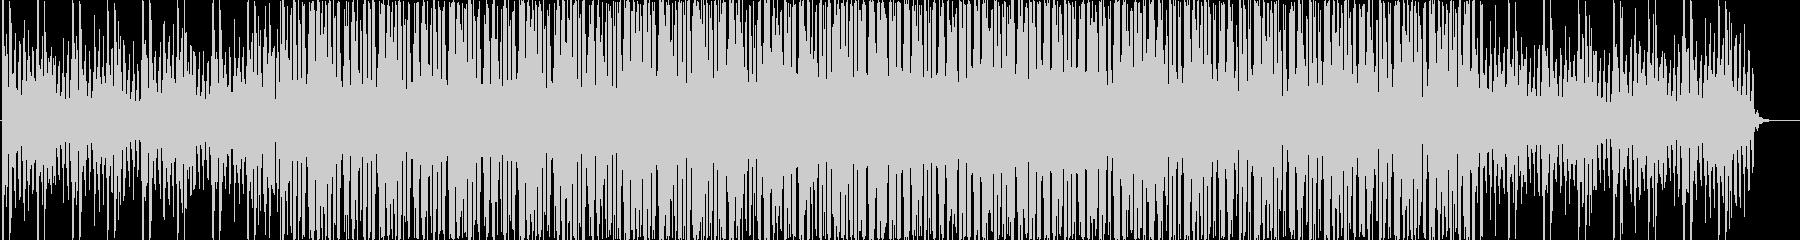 シンプルでクールなドラムンベースの未再生の波形